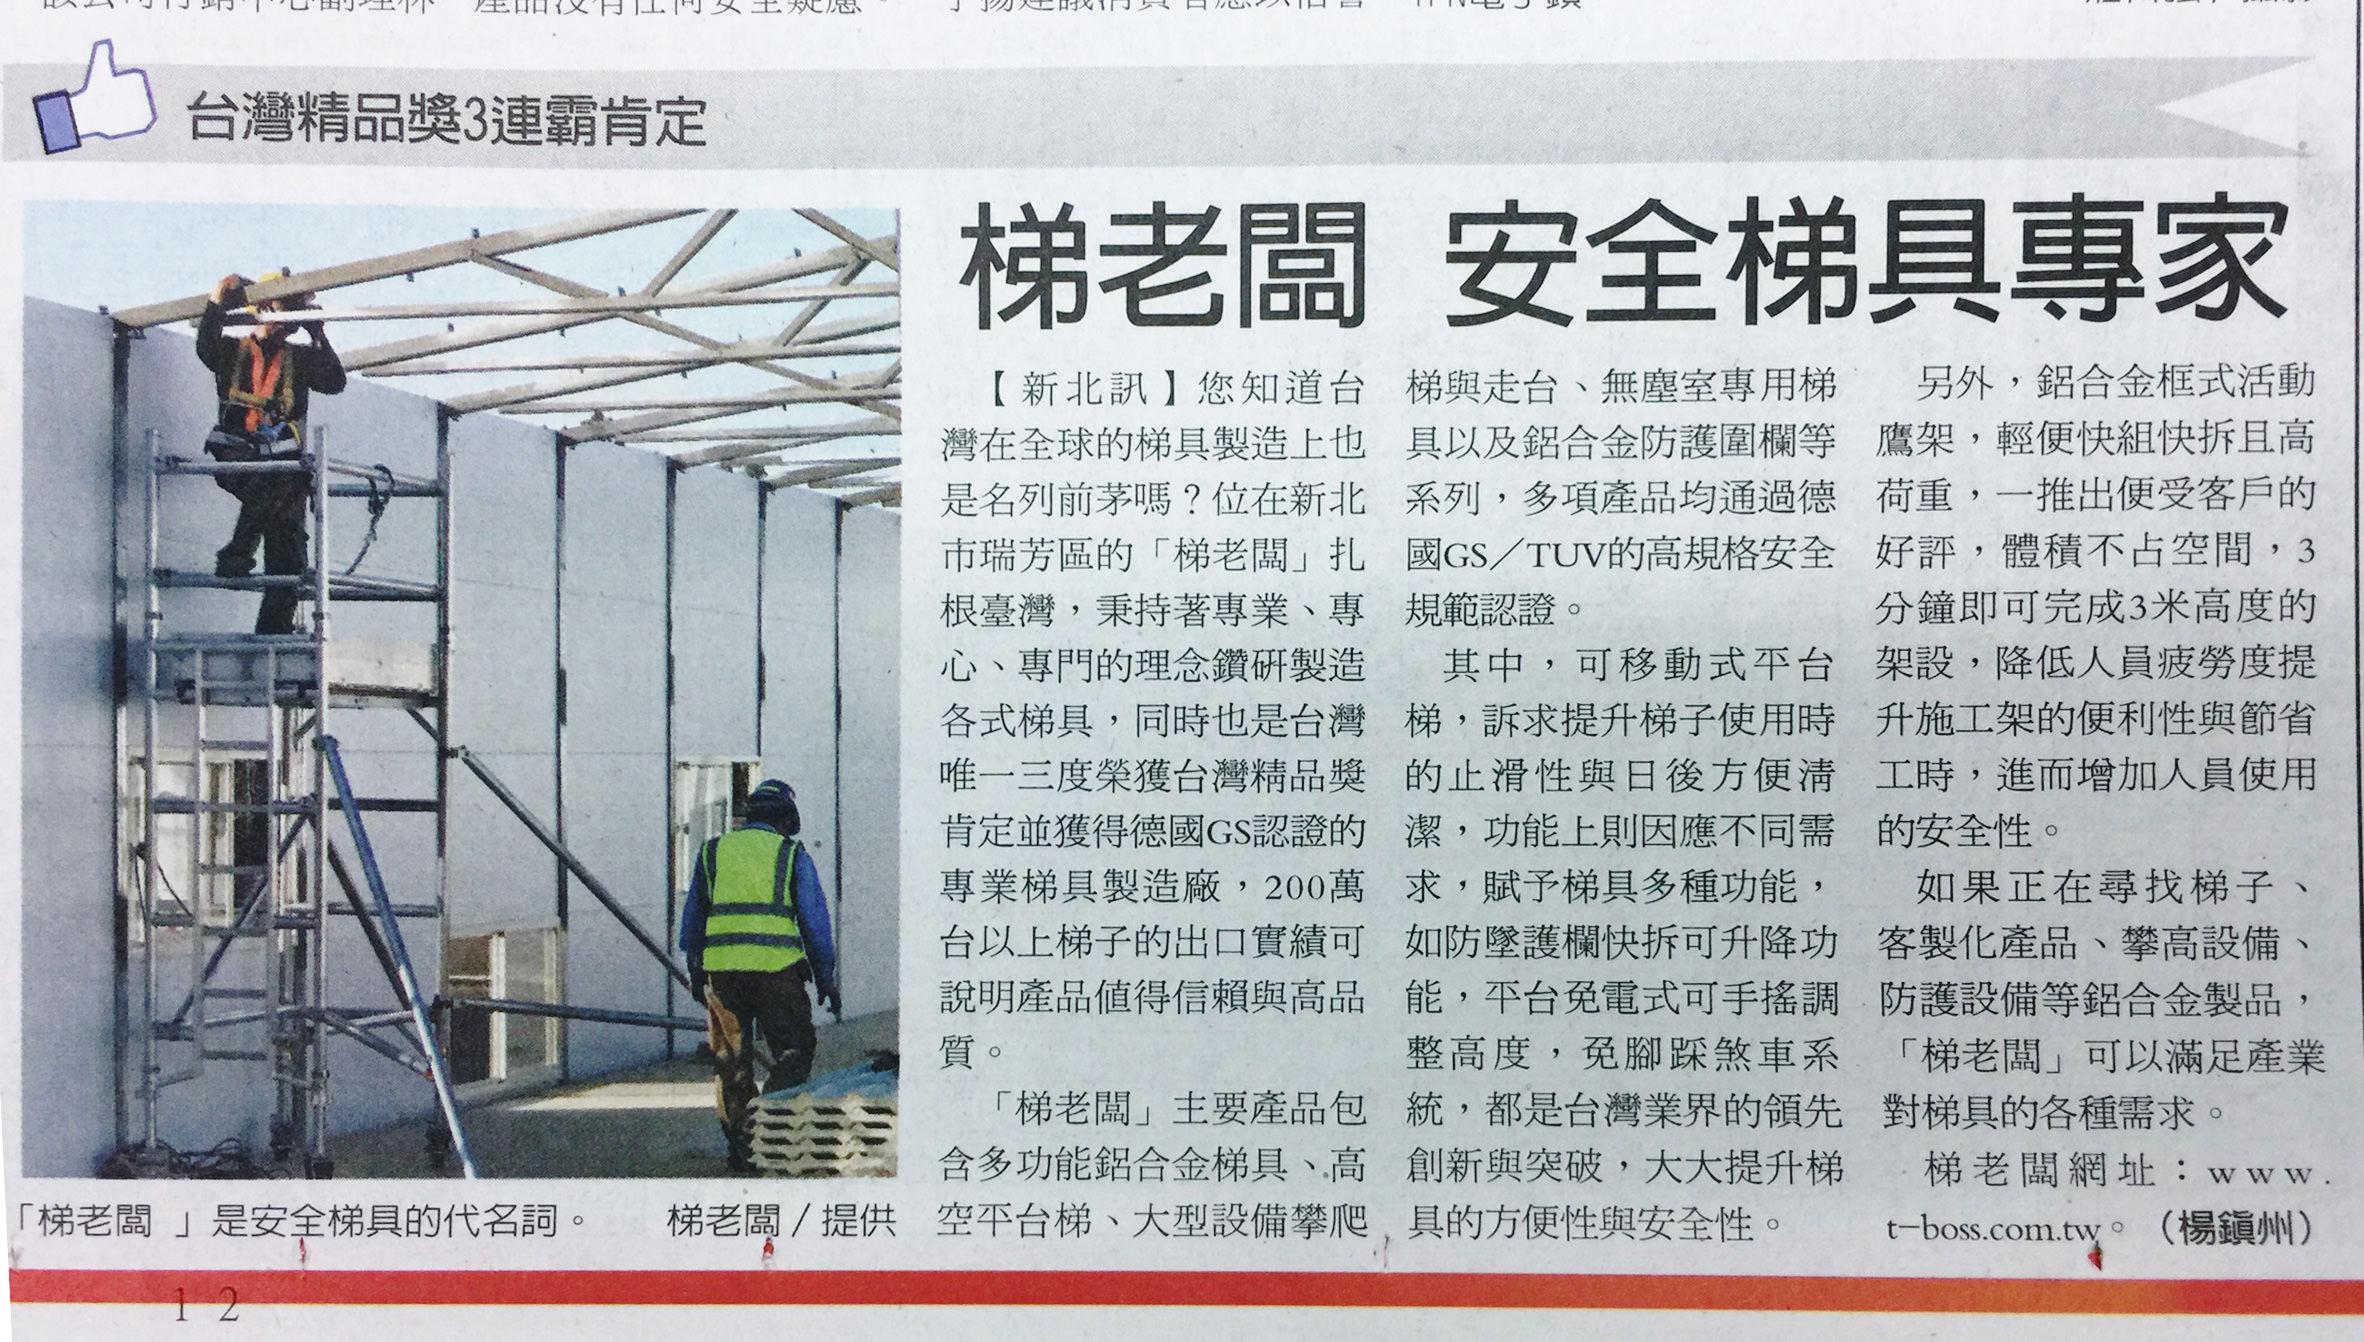 安全梯專家-梯老闆 經濟日報2020-2月報導